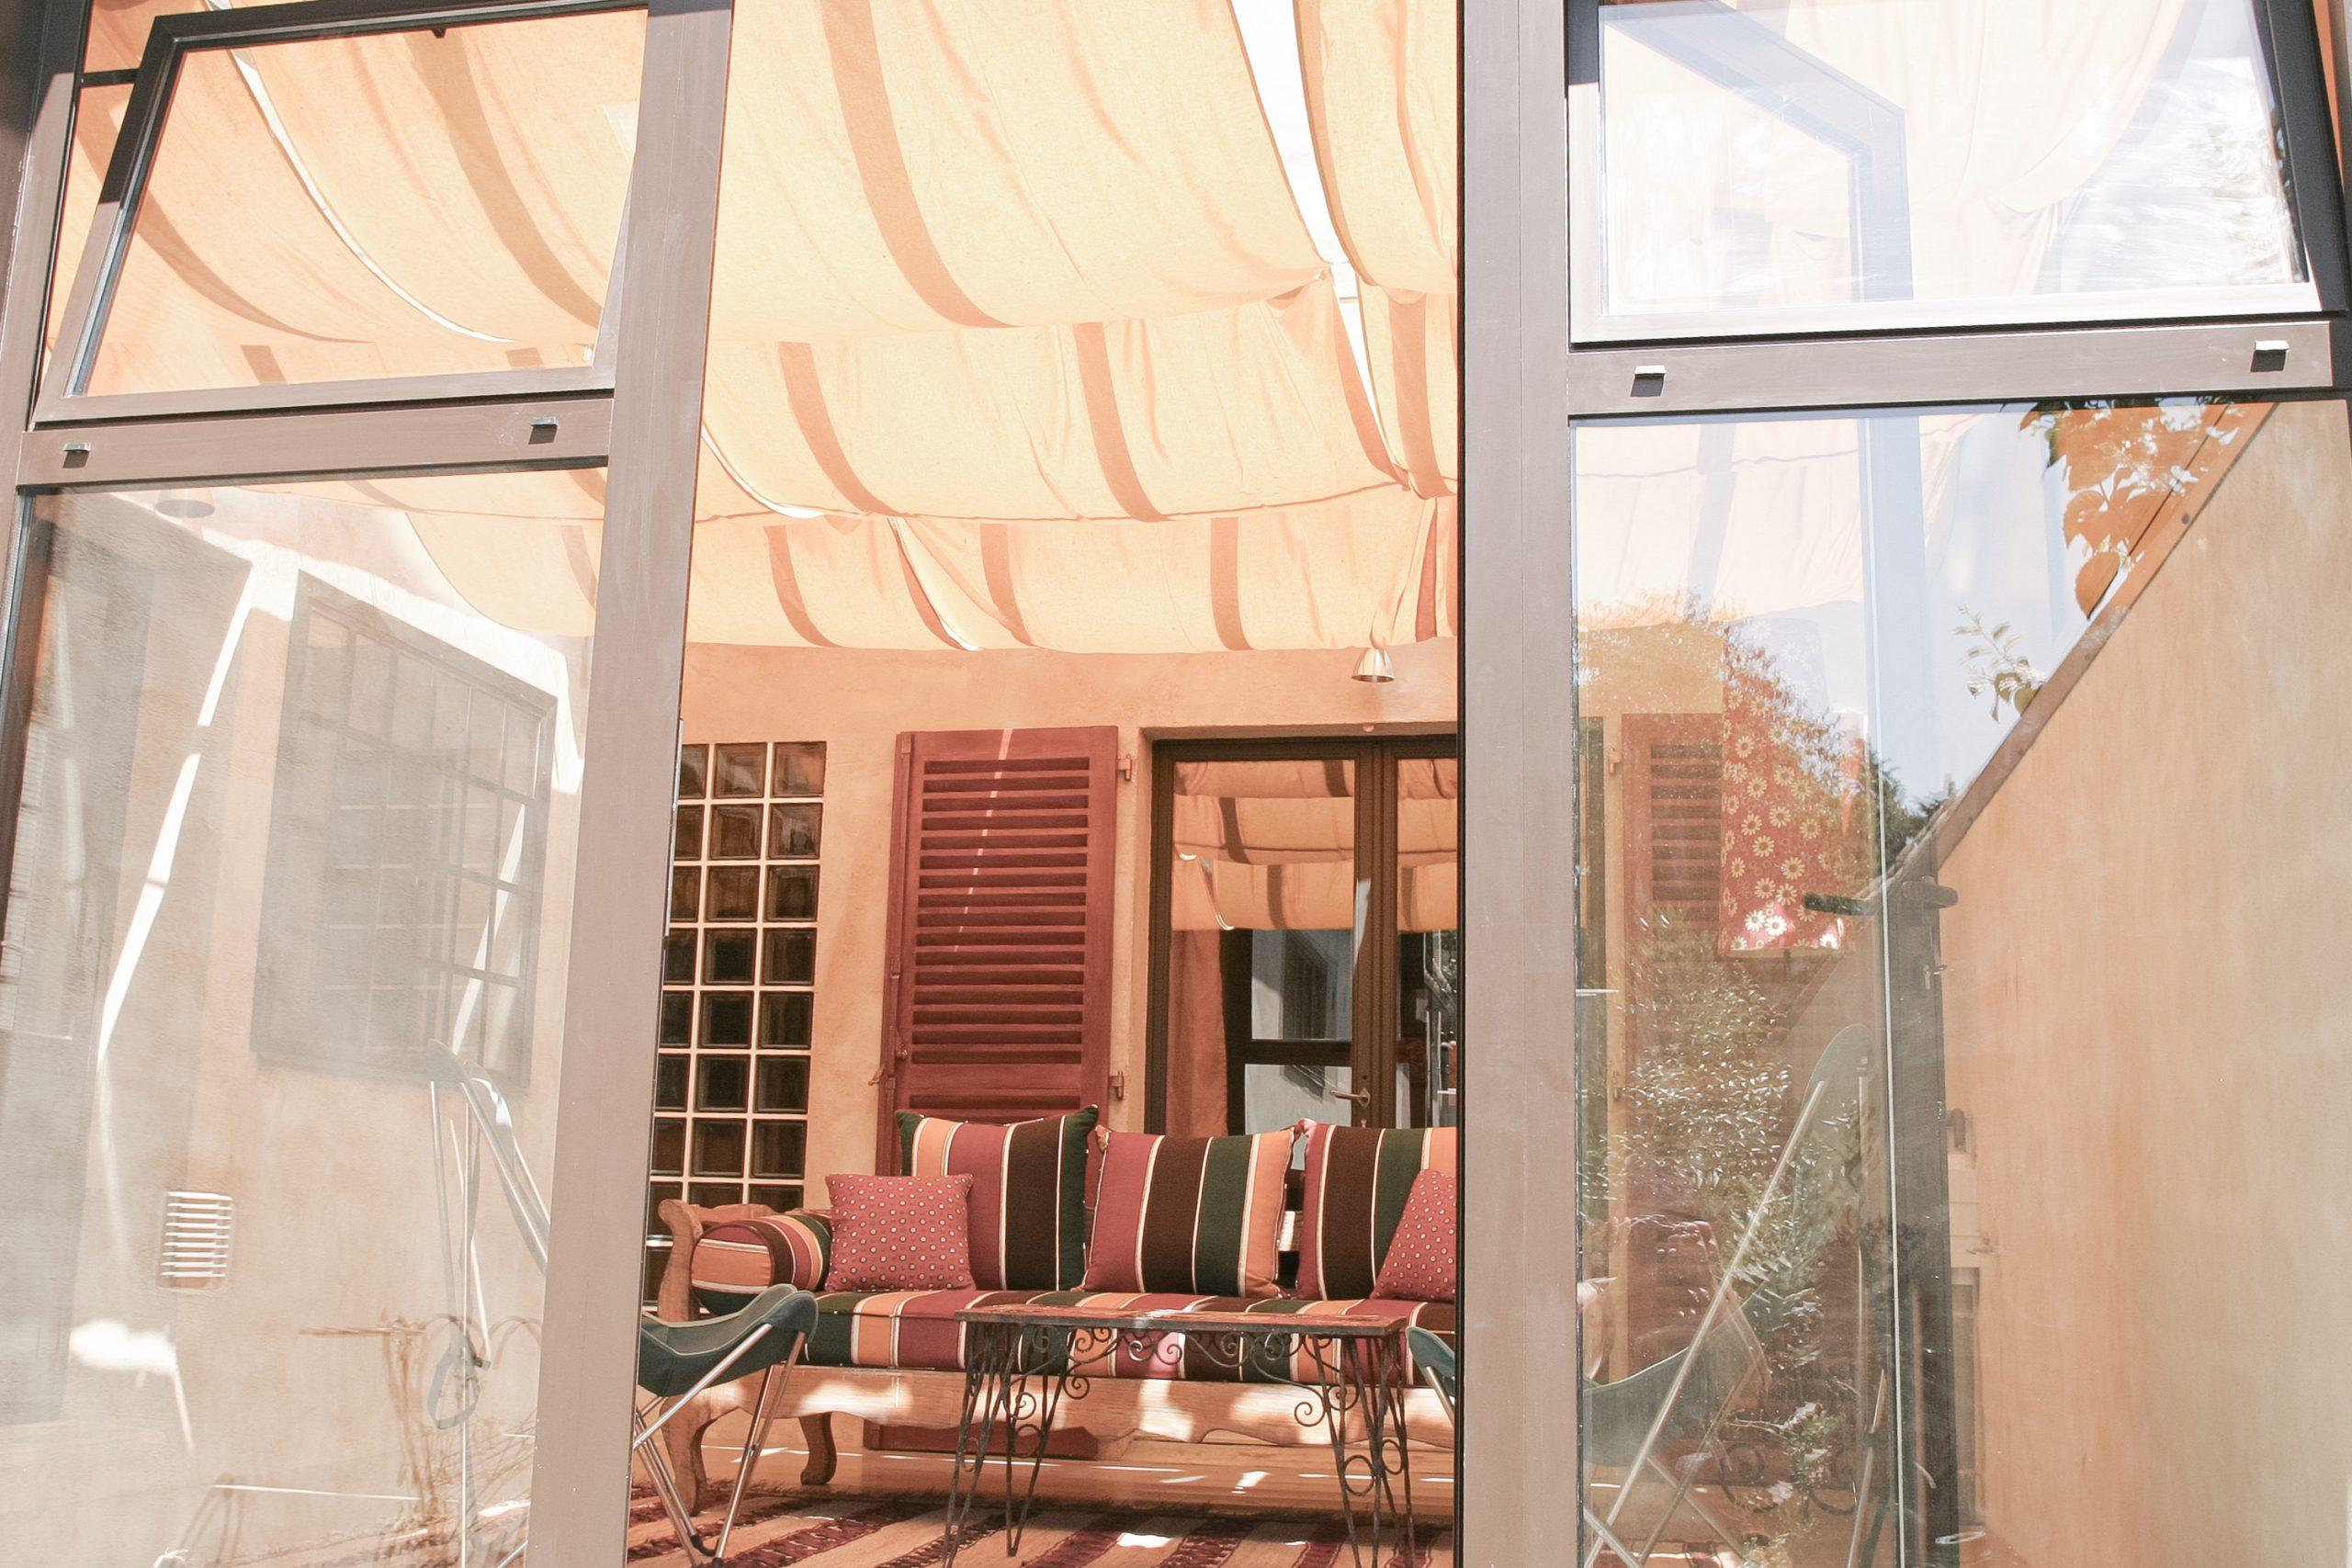 Maison sous le soleil provençal